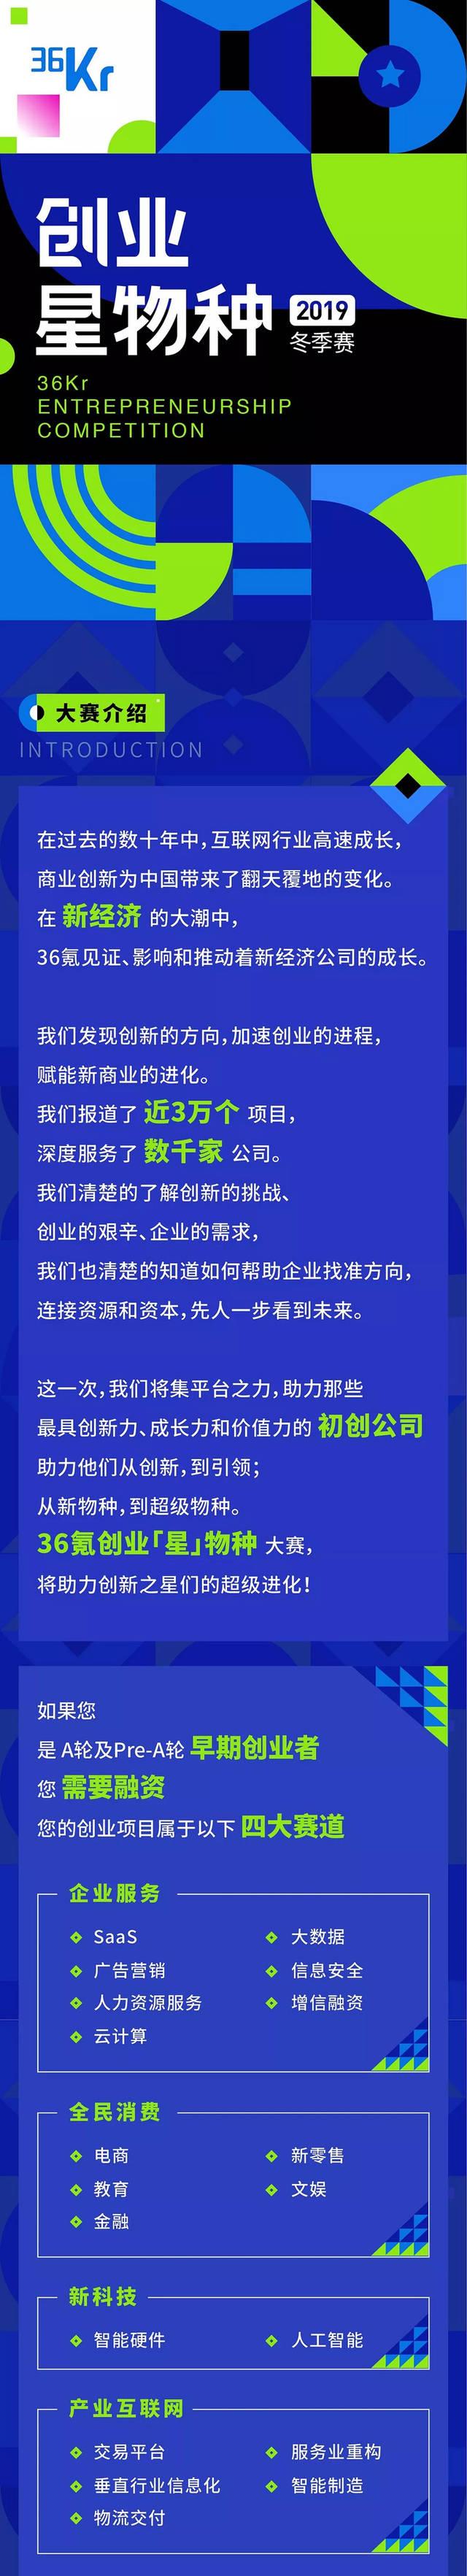 """汇丰史上最年轻CEO请辞 曾炮轰管理层""""无能"""""""